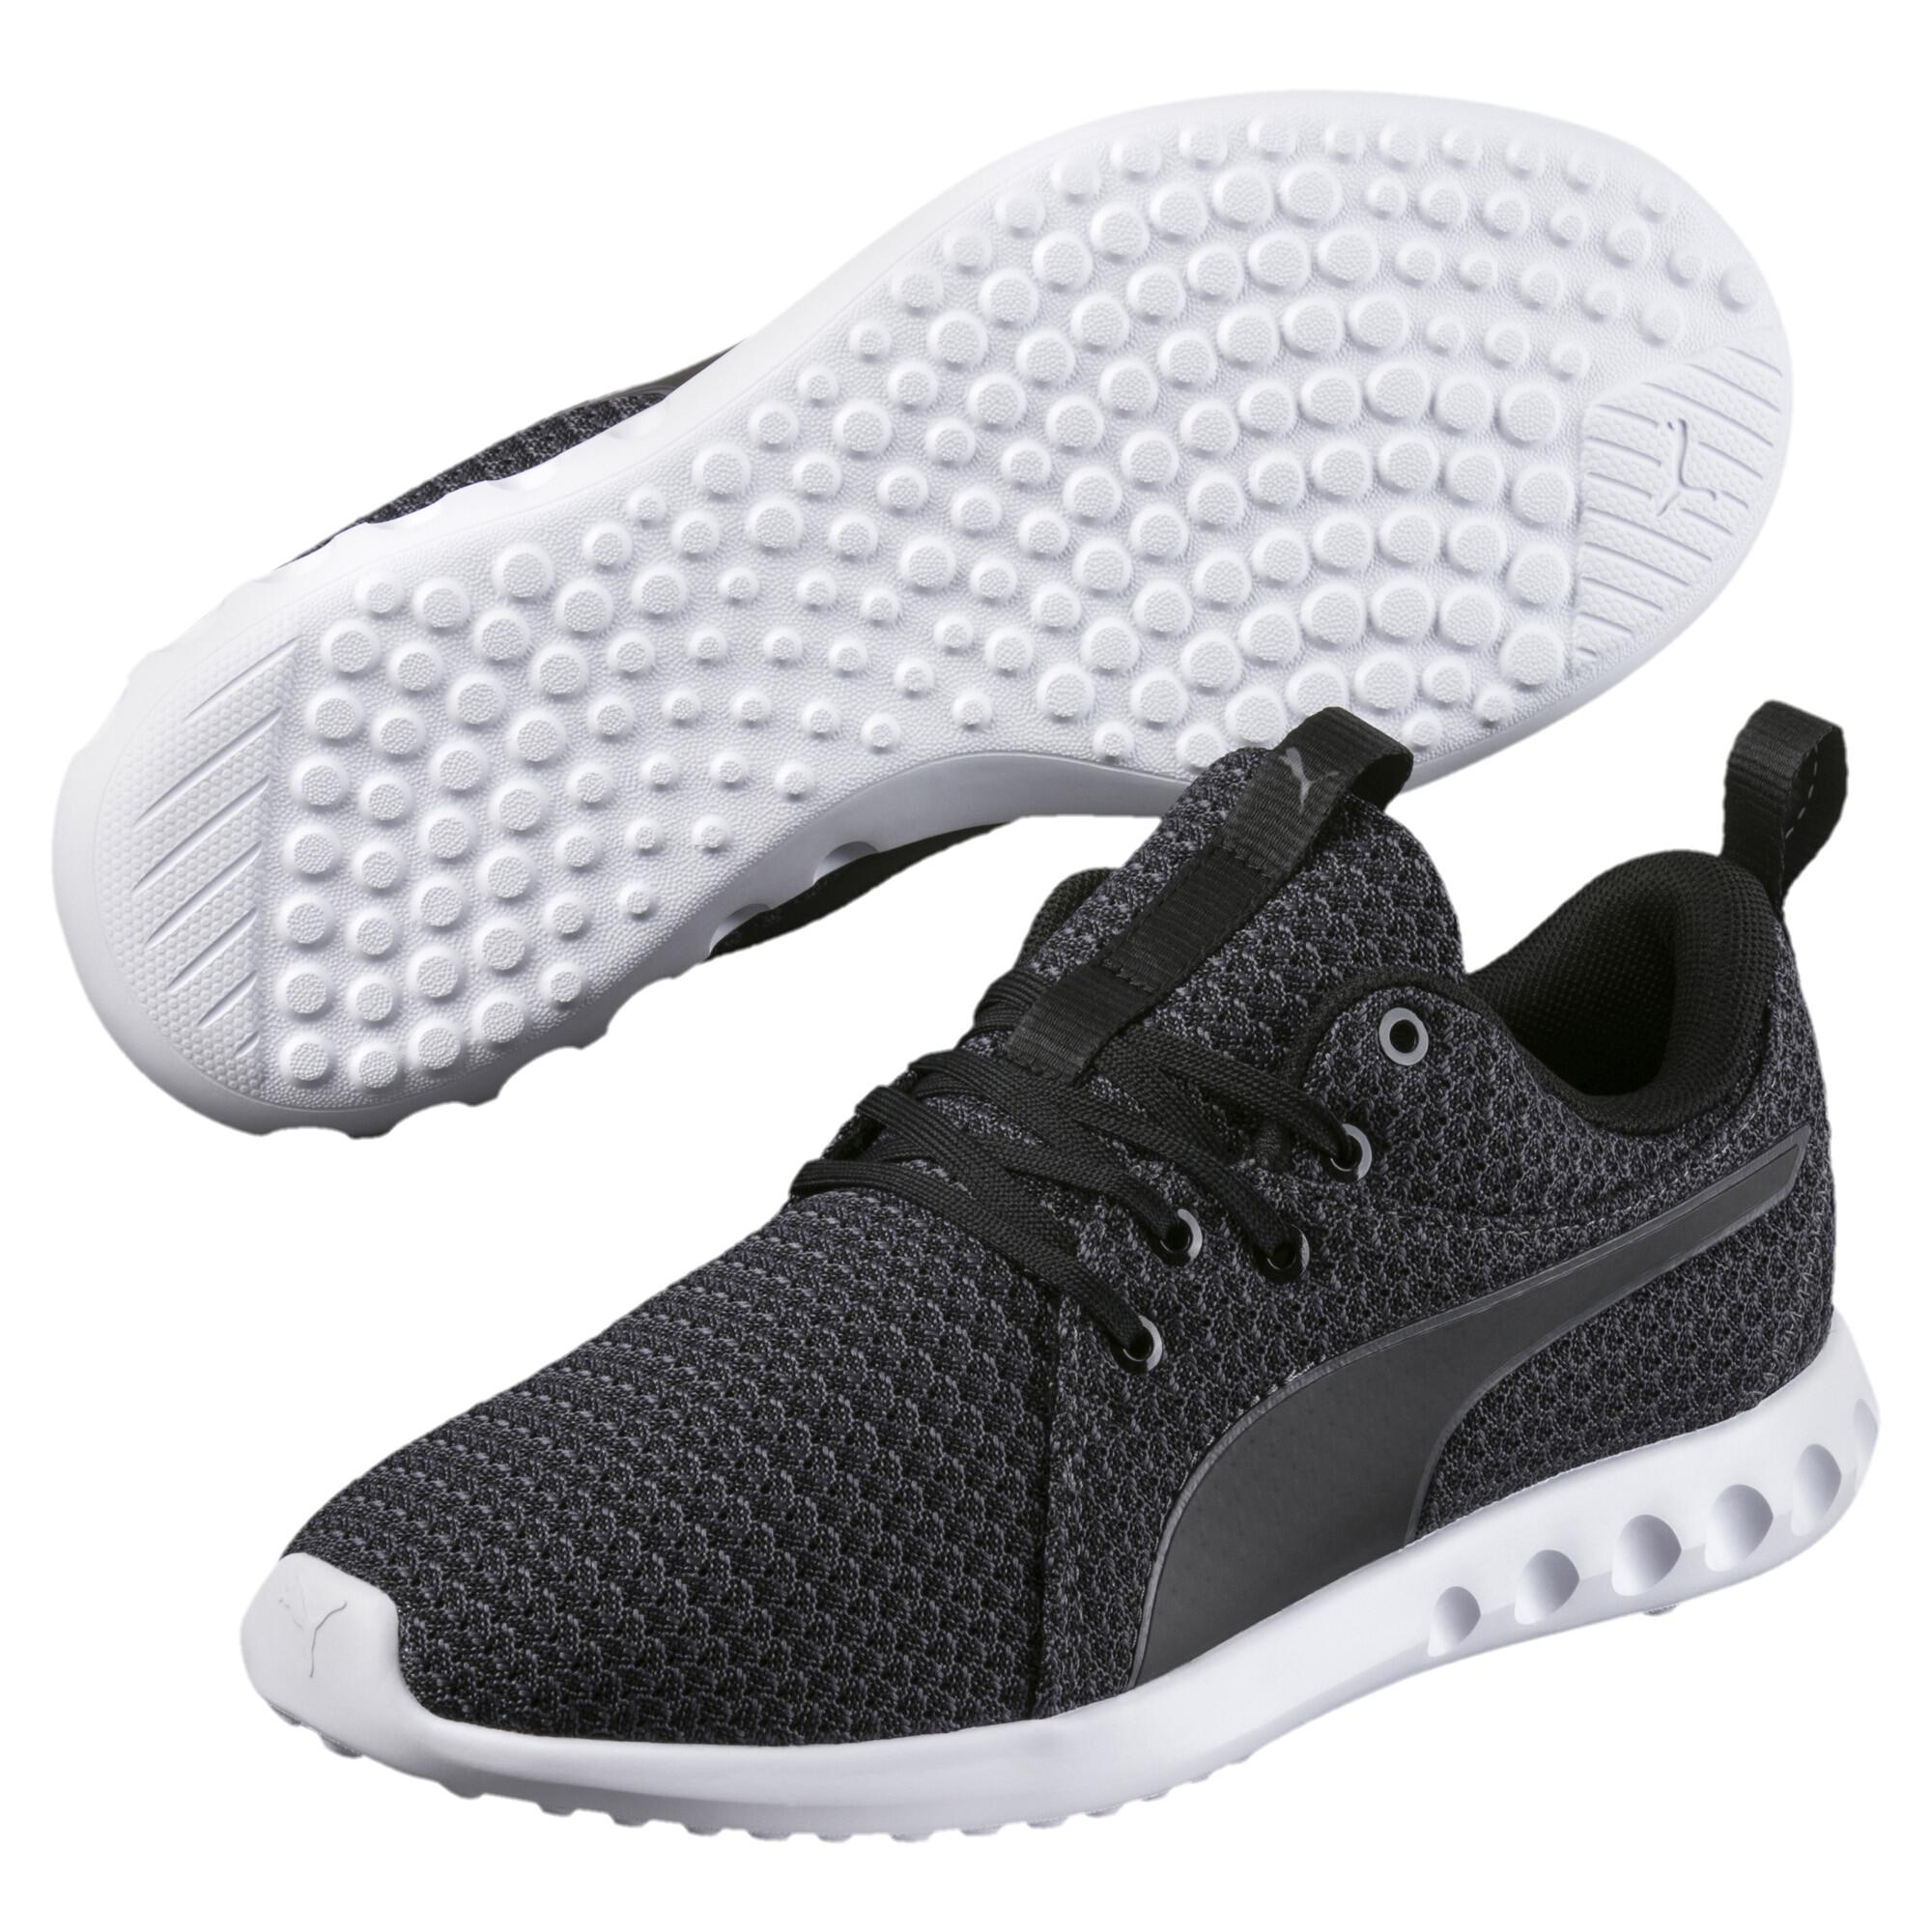 PUMA-Carson-2-Knit-Women-039-s-Running-Shoes-Women-Shoe-Running thumbnail 13